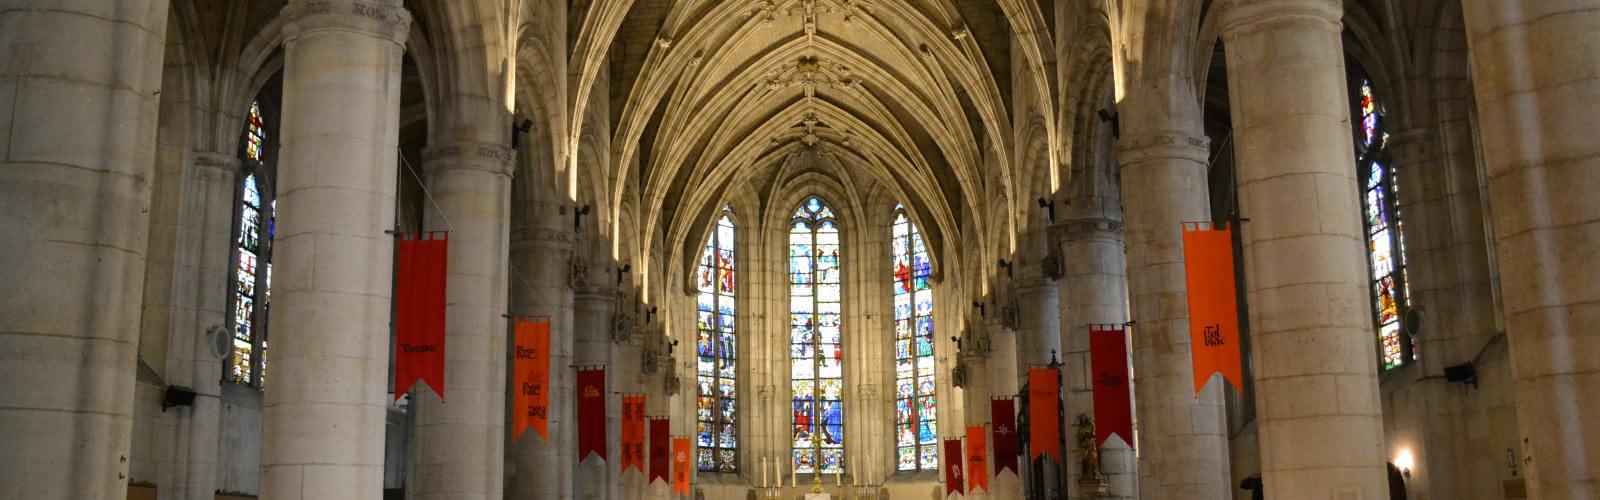 Intérieur de la collégiale Saint-Martin de Montmorency